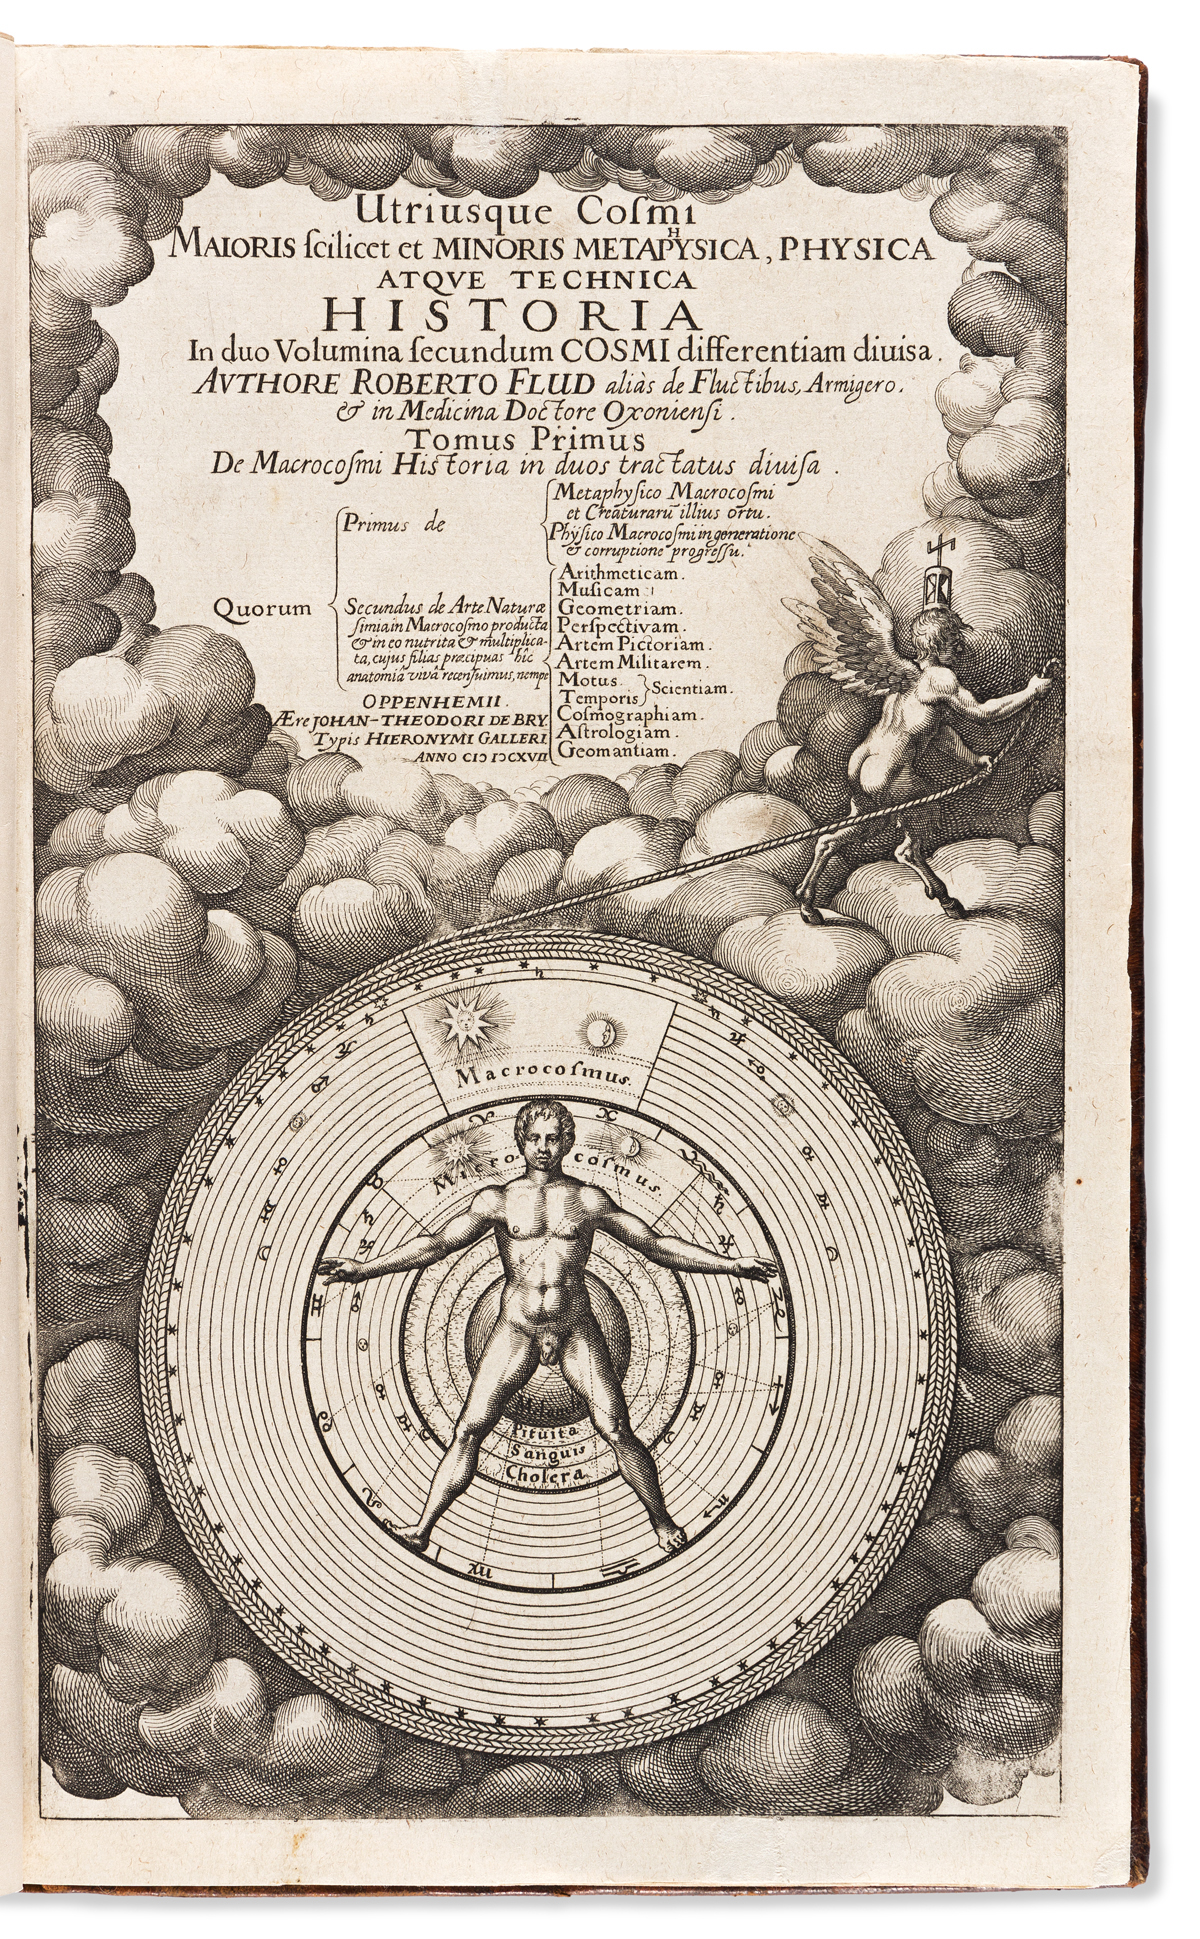 Fludd, Robert (1574-1637) Utriusque Cosmi Maioris Scilicet et Minoris Metaphysica. [bound with] Clavis Philosophiae et Alchymiae Fludda